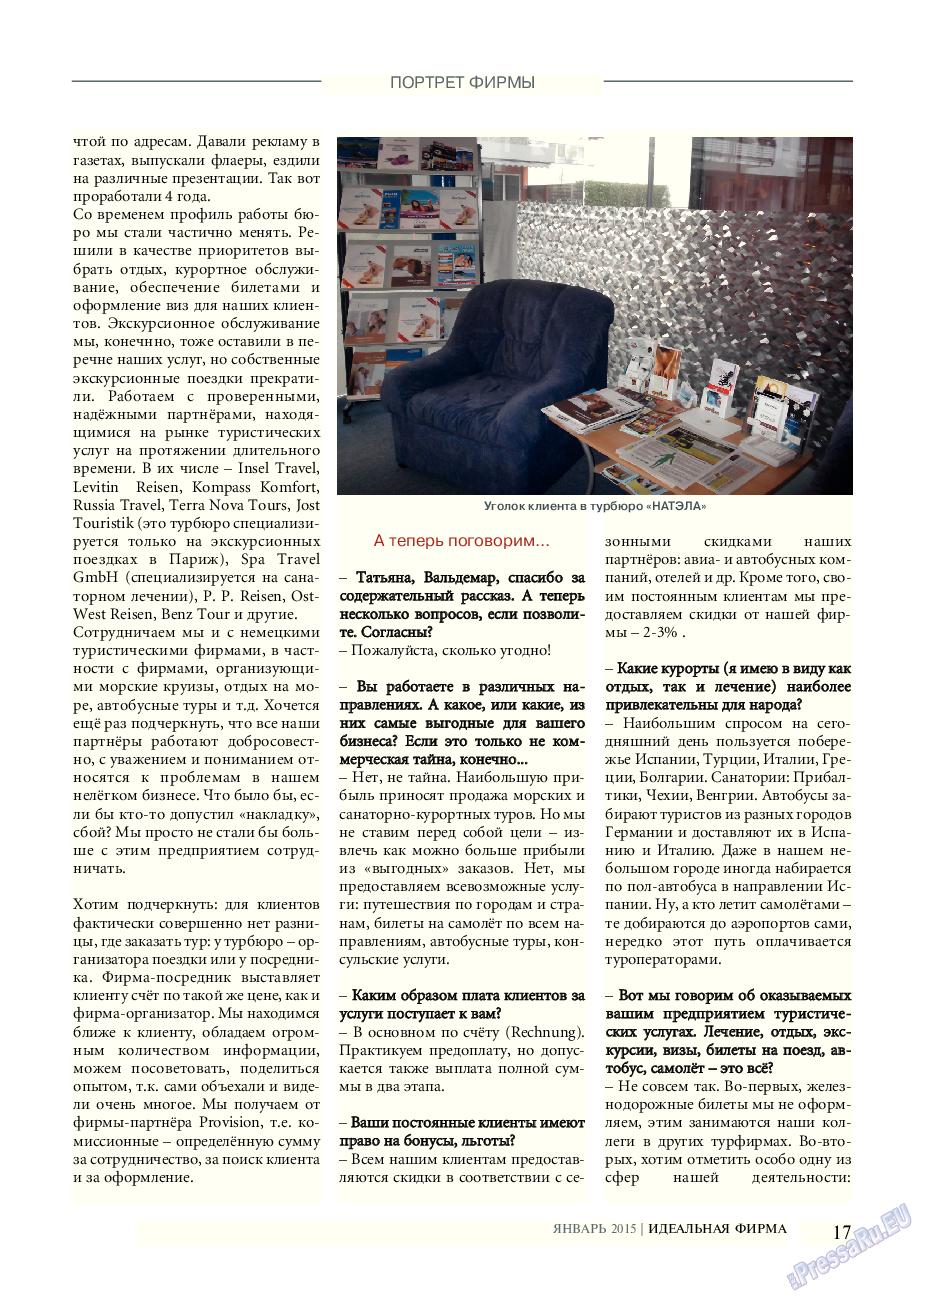 Идеальная фирма (журнал). 2015 год, номер 1, стр. 17